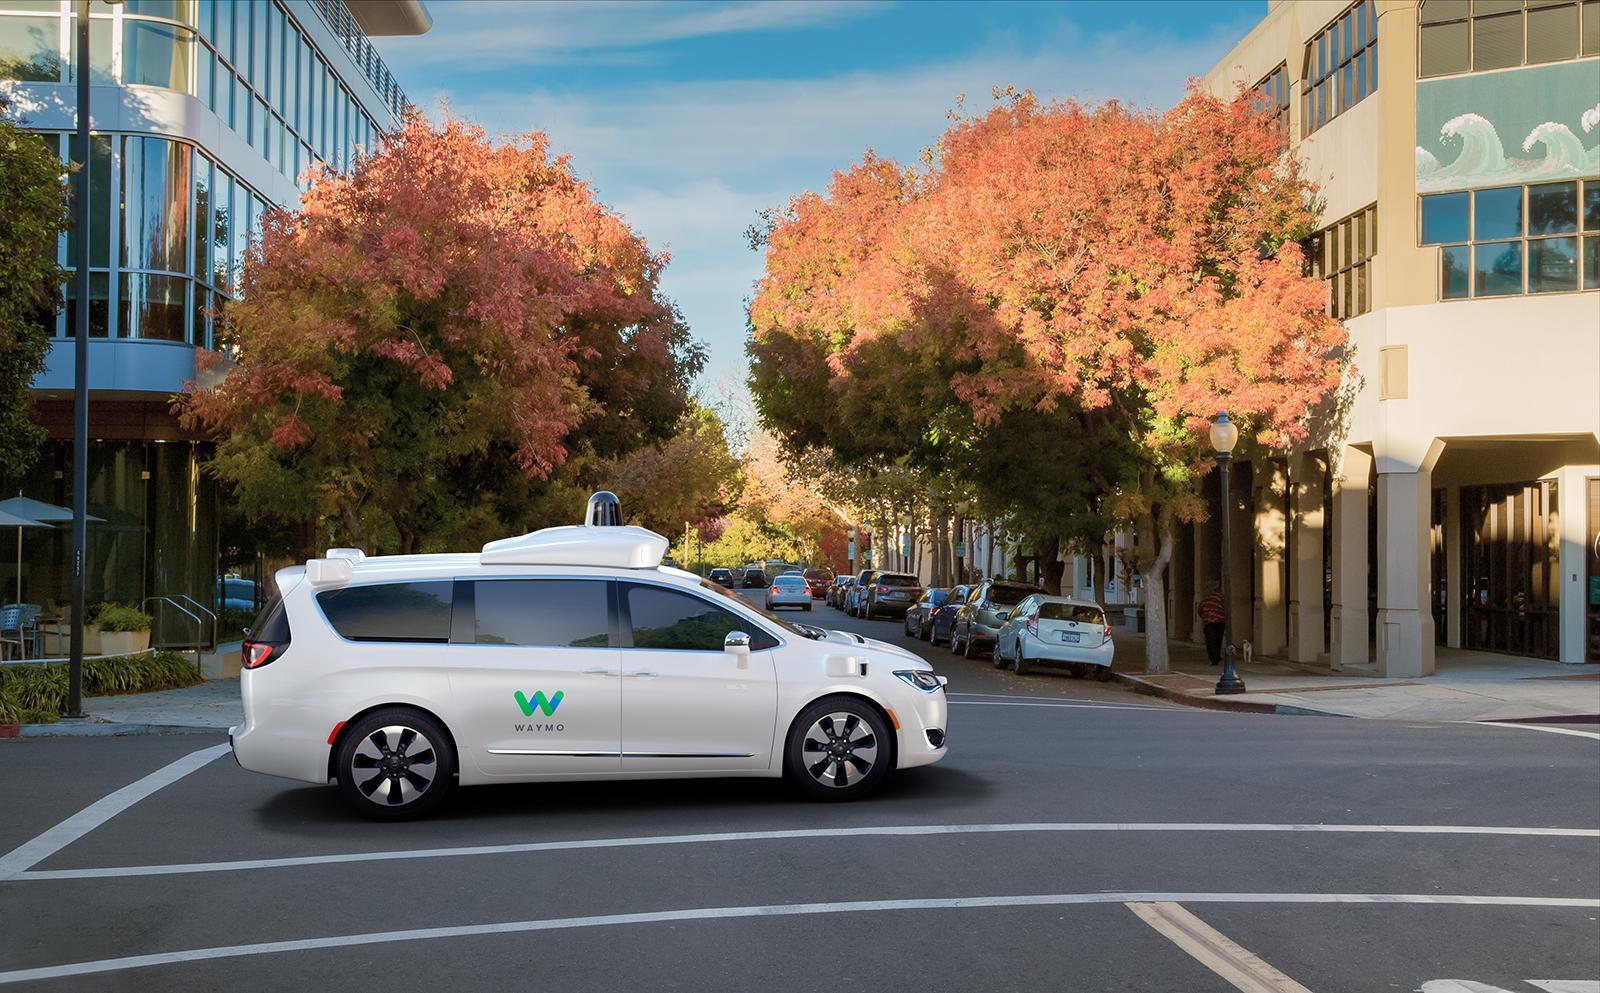 无人驾驶亿万先生将如何彻底地改变城市面貌?